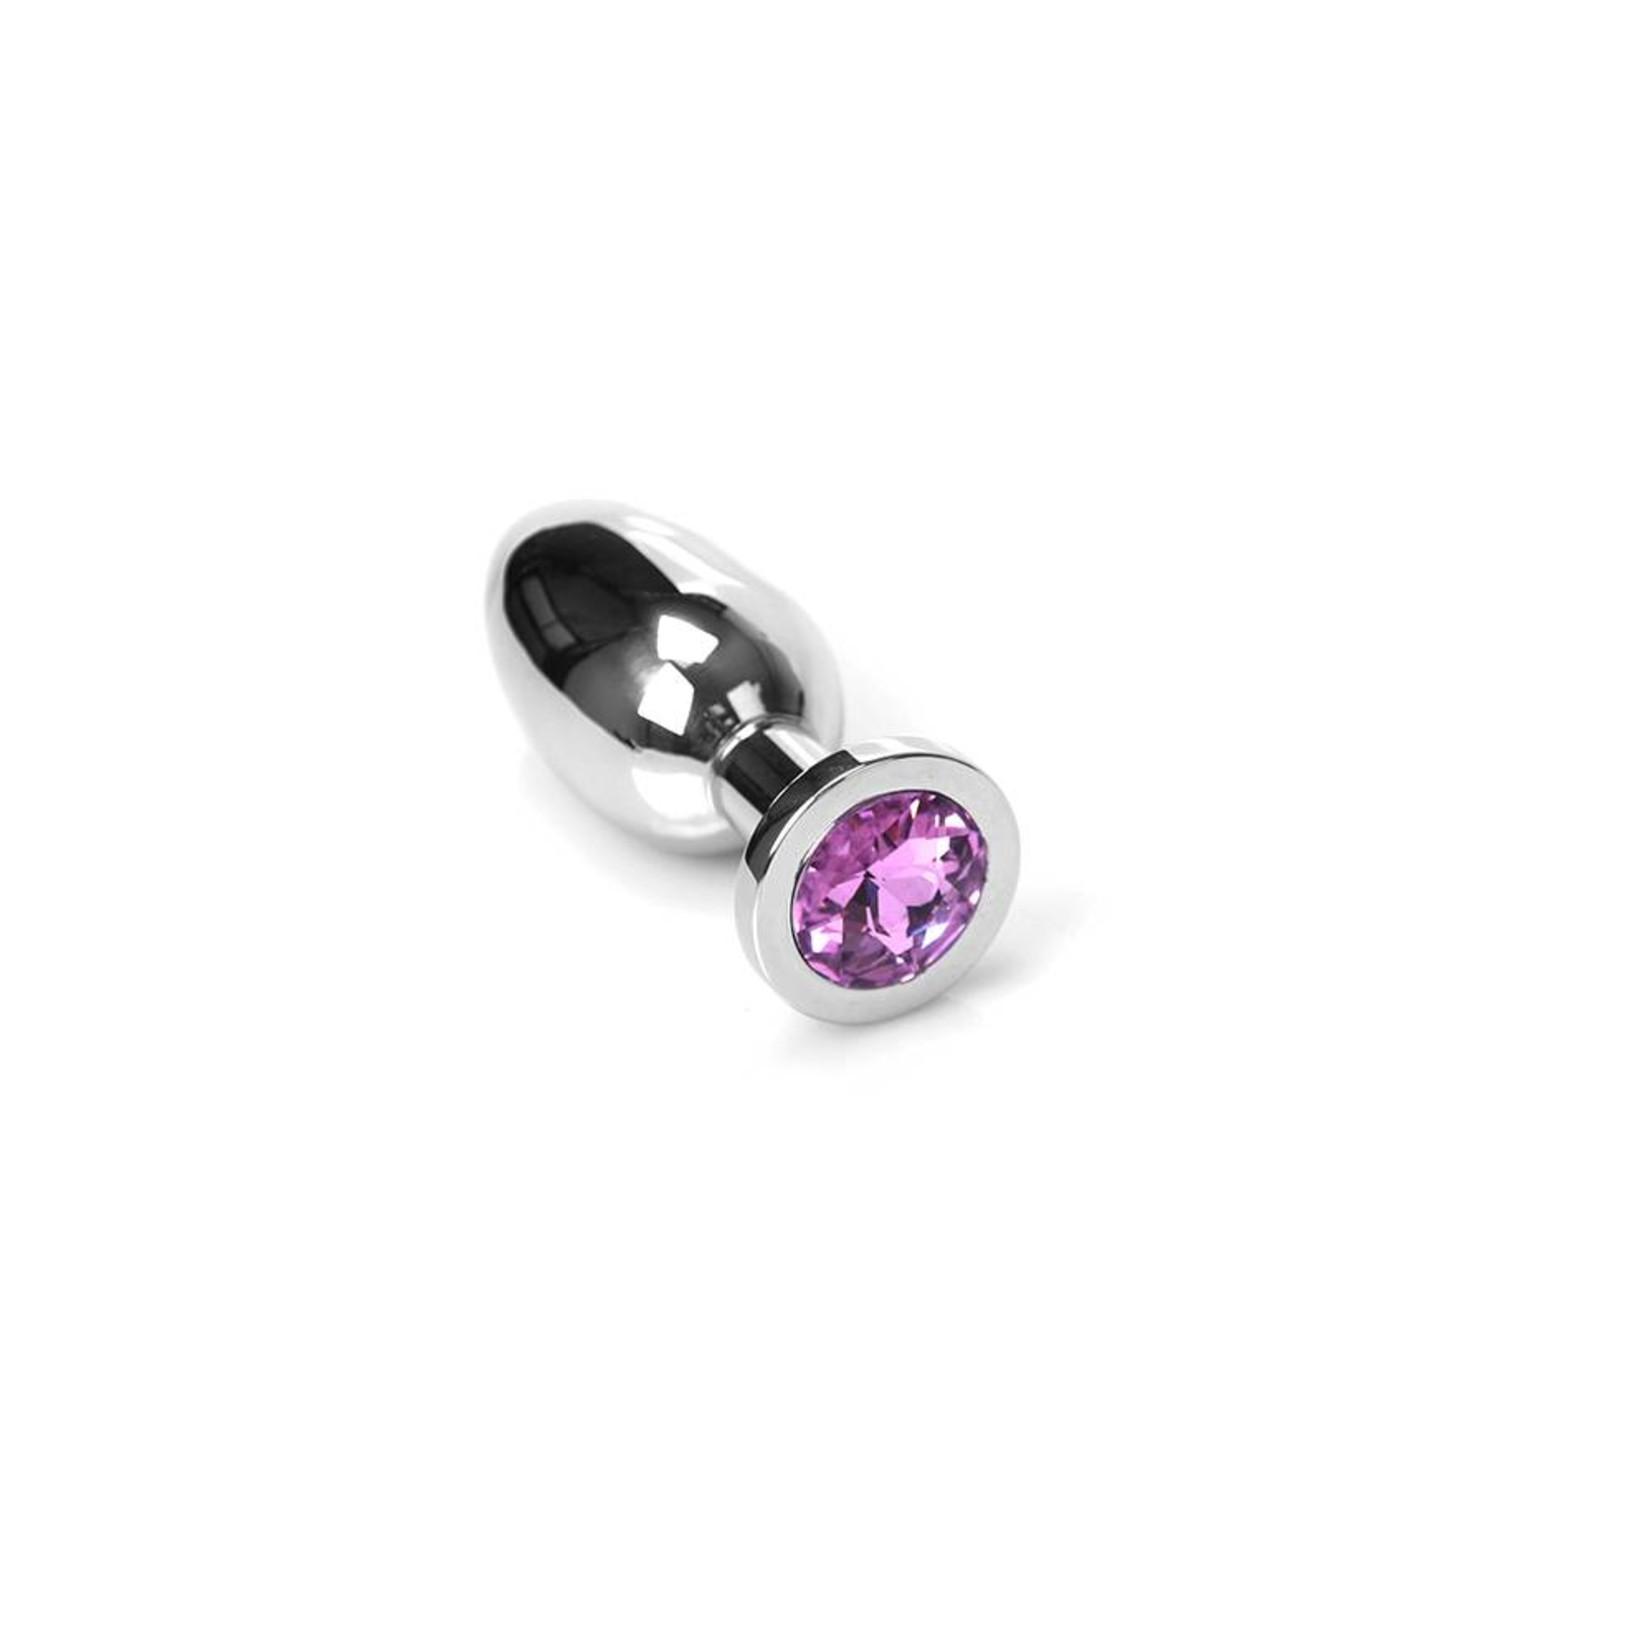 KIOTOS Steel Jewel Buttplug - Small Pink